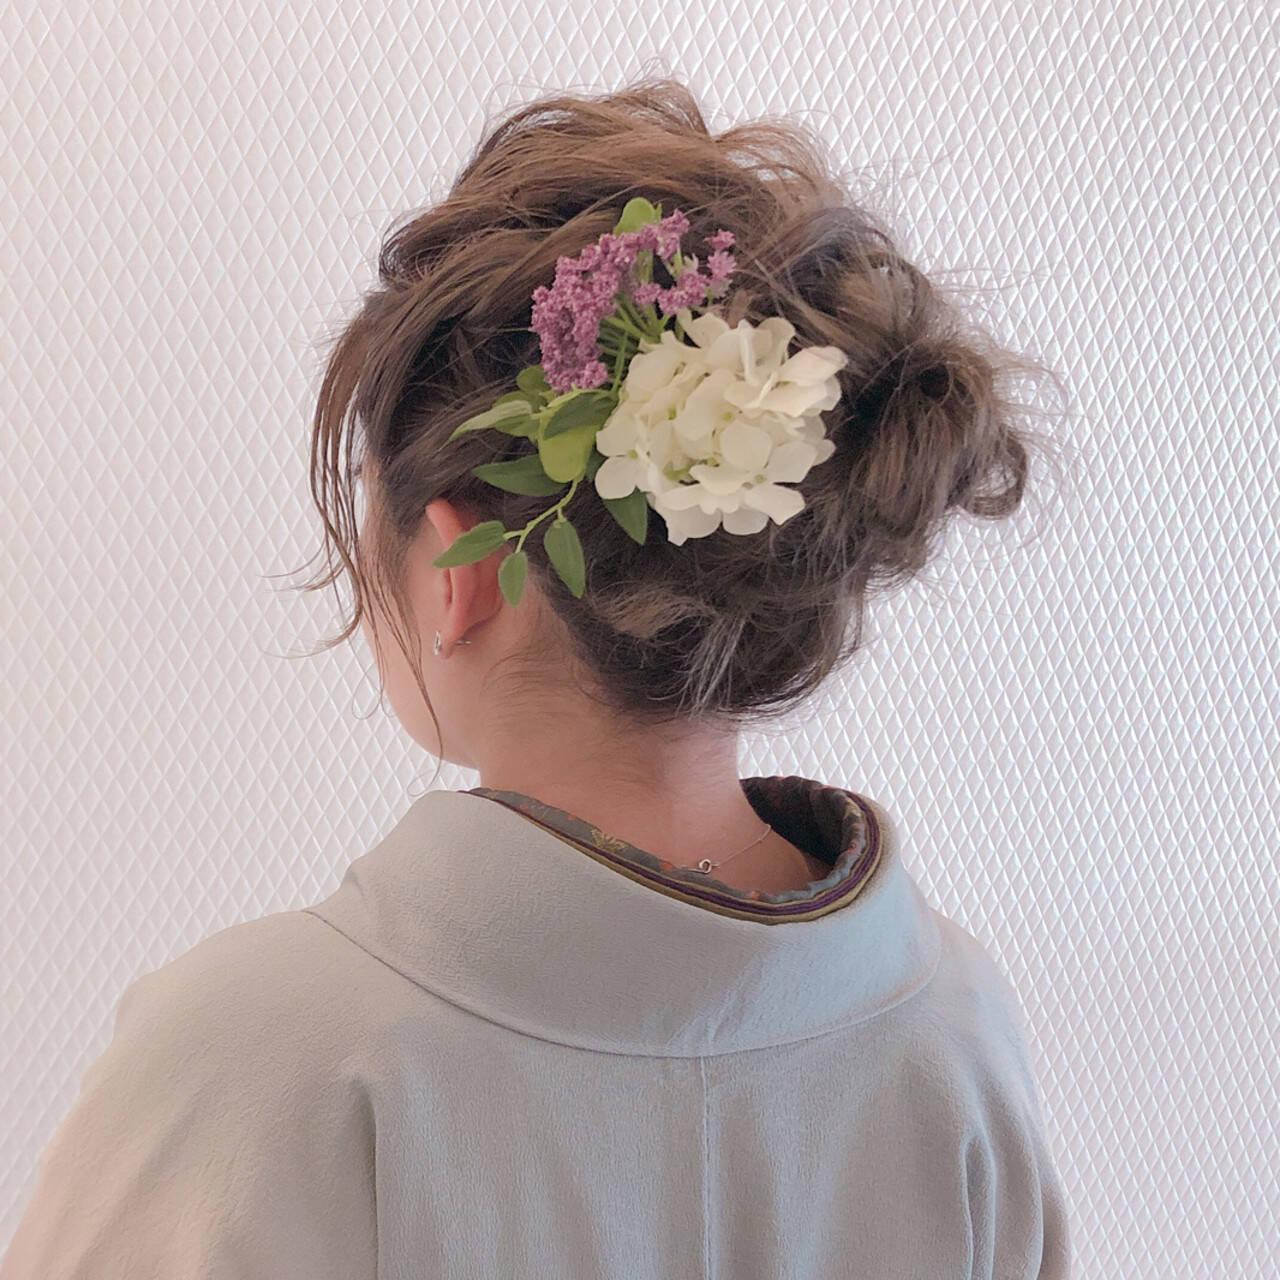 ヘアセット ナチュラル ミディアム 成人式ヘアヘアスタイルや髪型の写真・画像